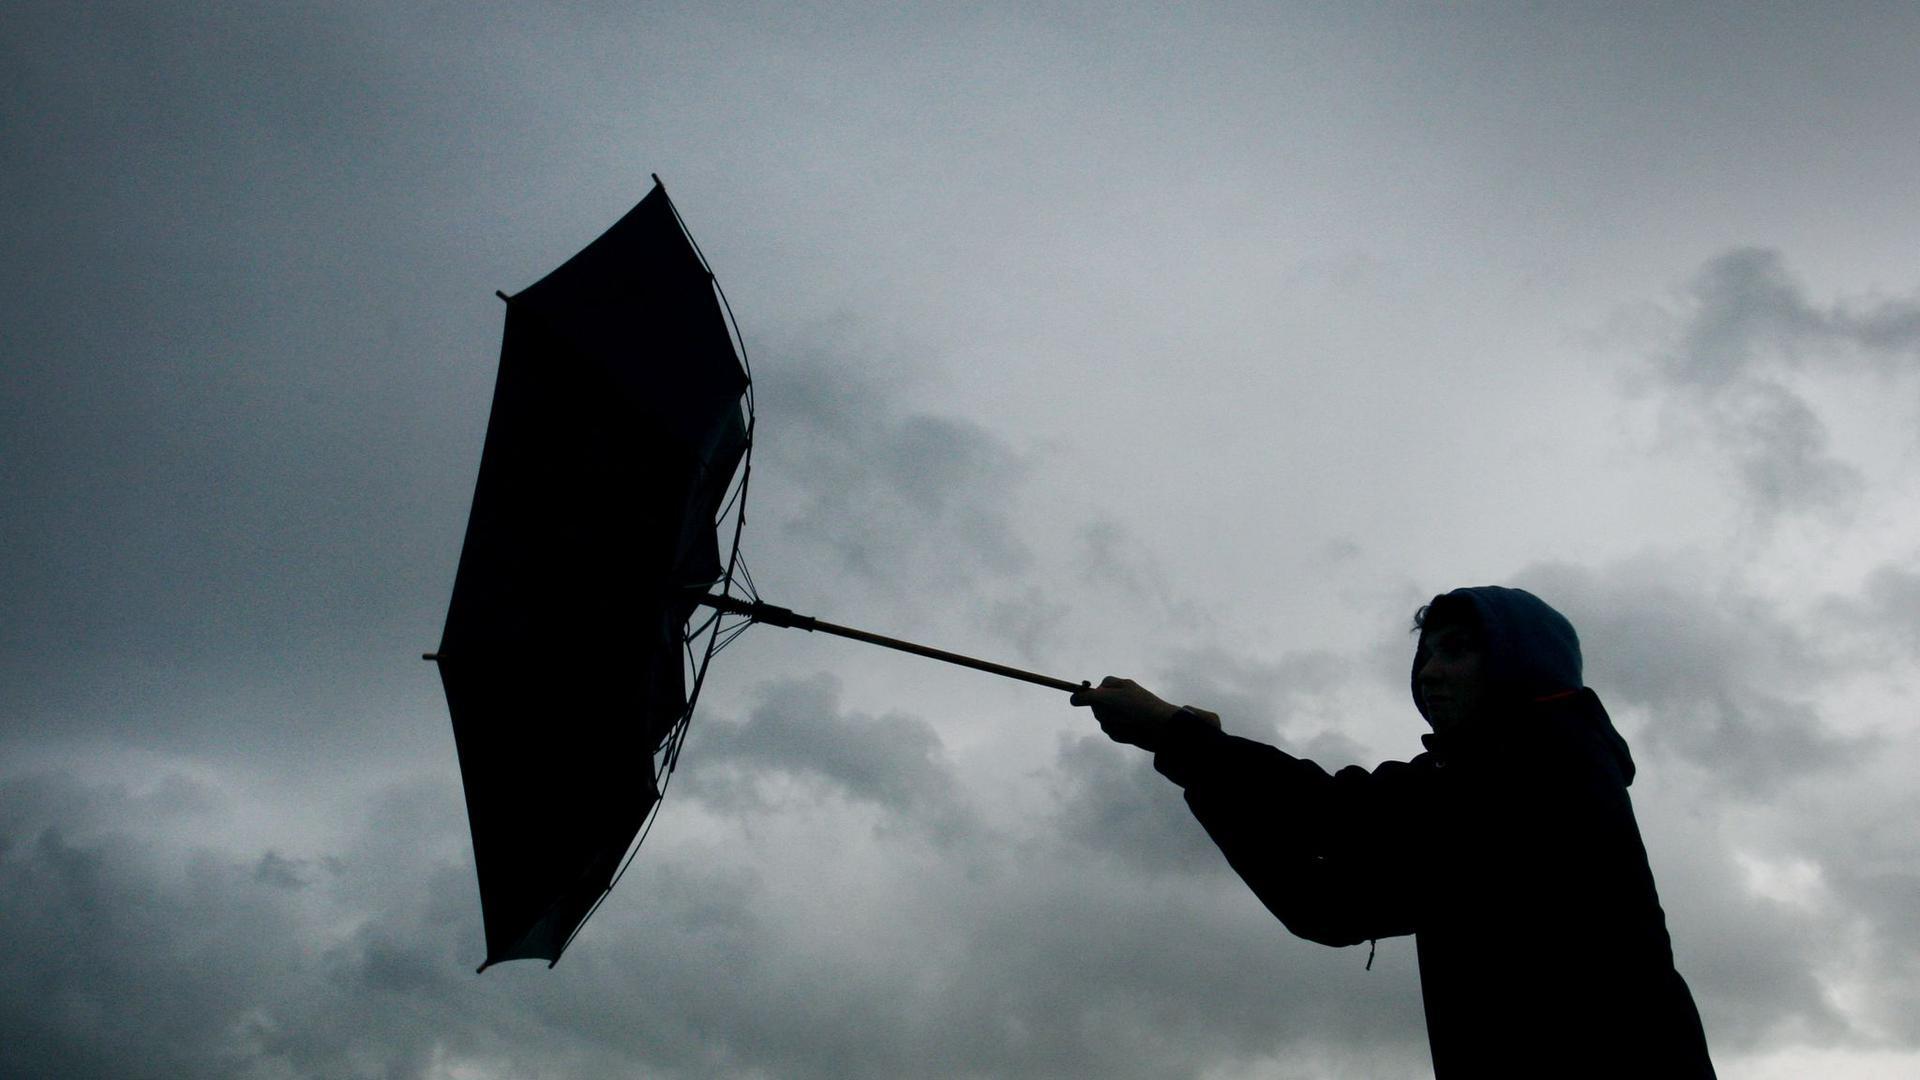 Der Regenschirm eines Spaziergängers wird von einer Windböe erfasst.